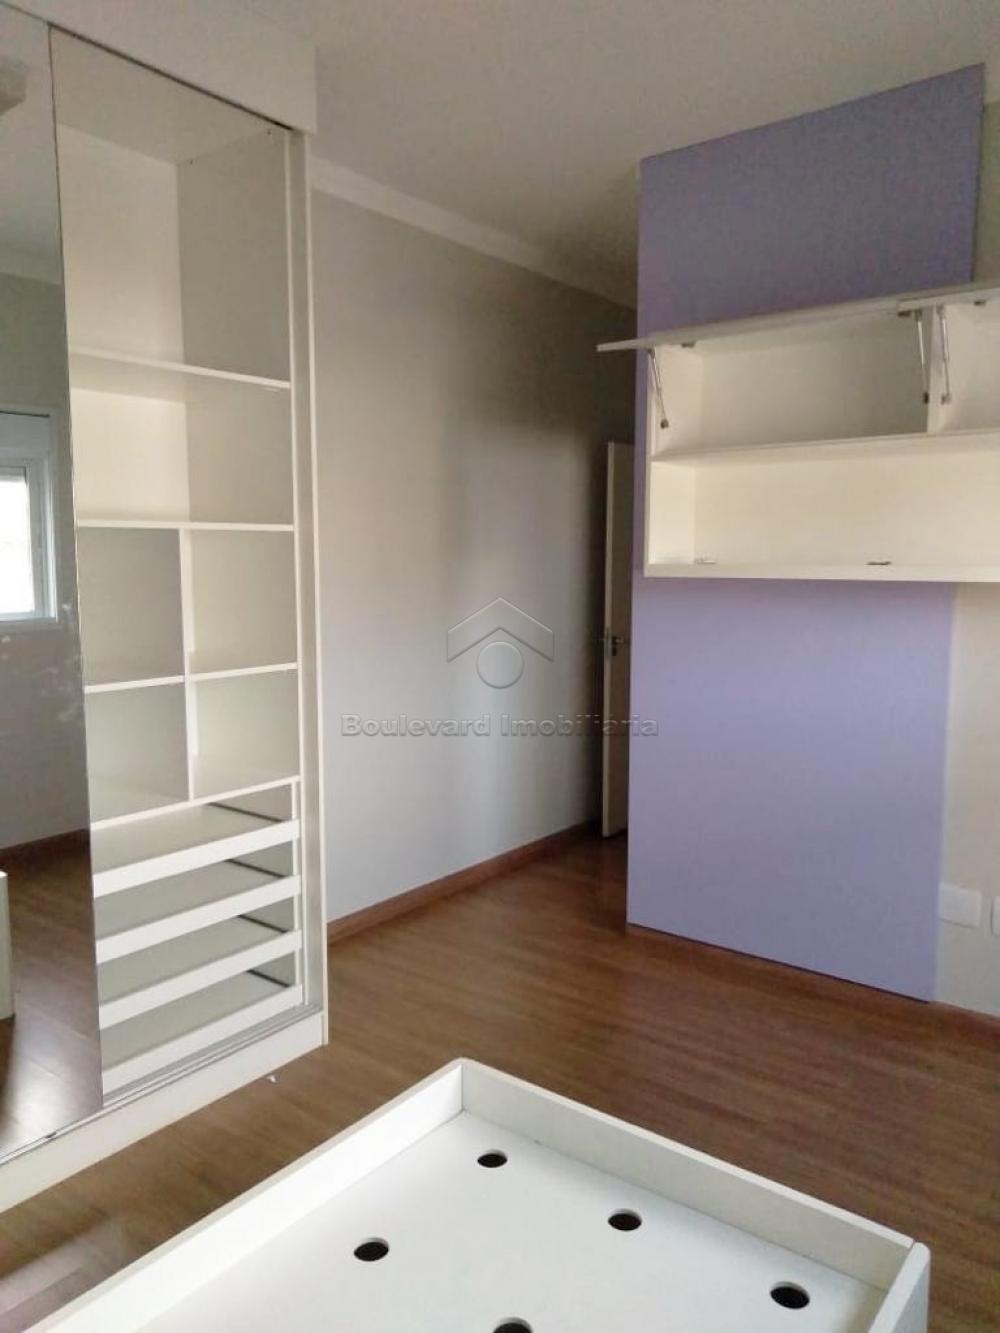 Alugar Casa / Condomínio em Ribeirão Preto R$ 8.500,00 - Foto 7